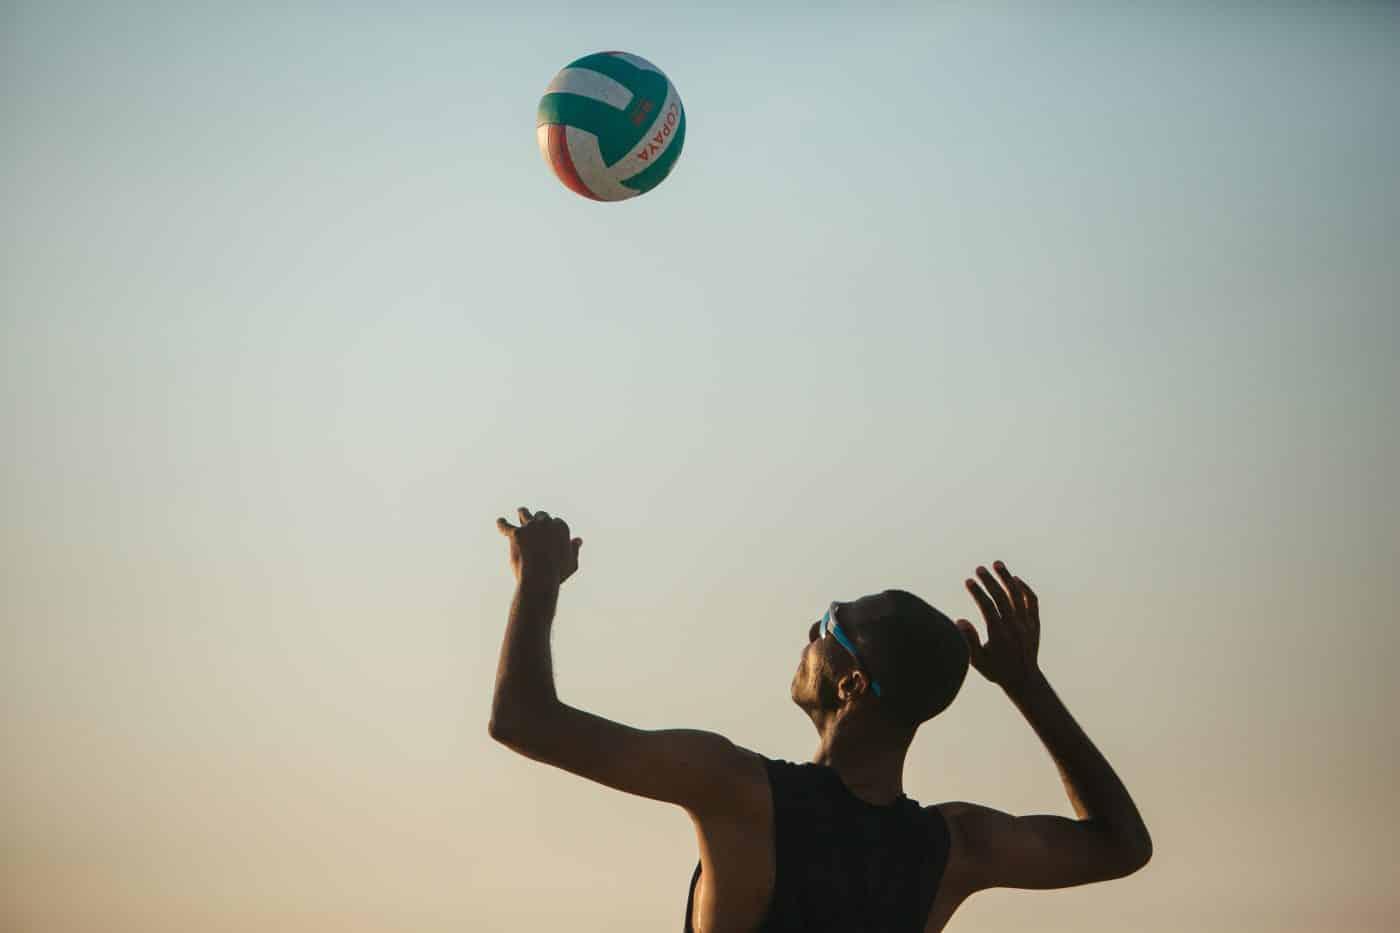 copaya-la-nouvelle-marque-de-beach-volley-chez-decathlon-3